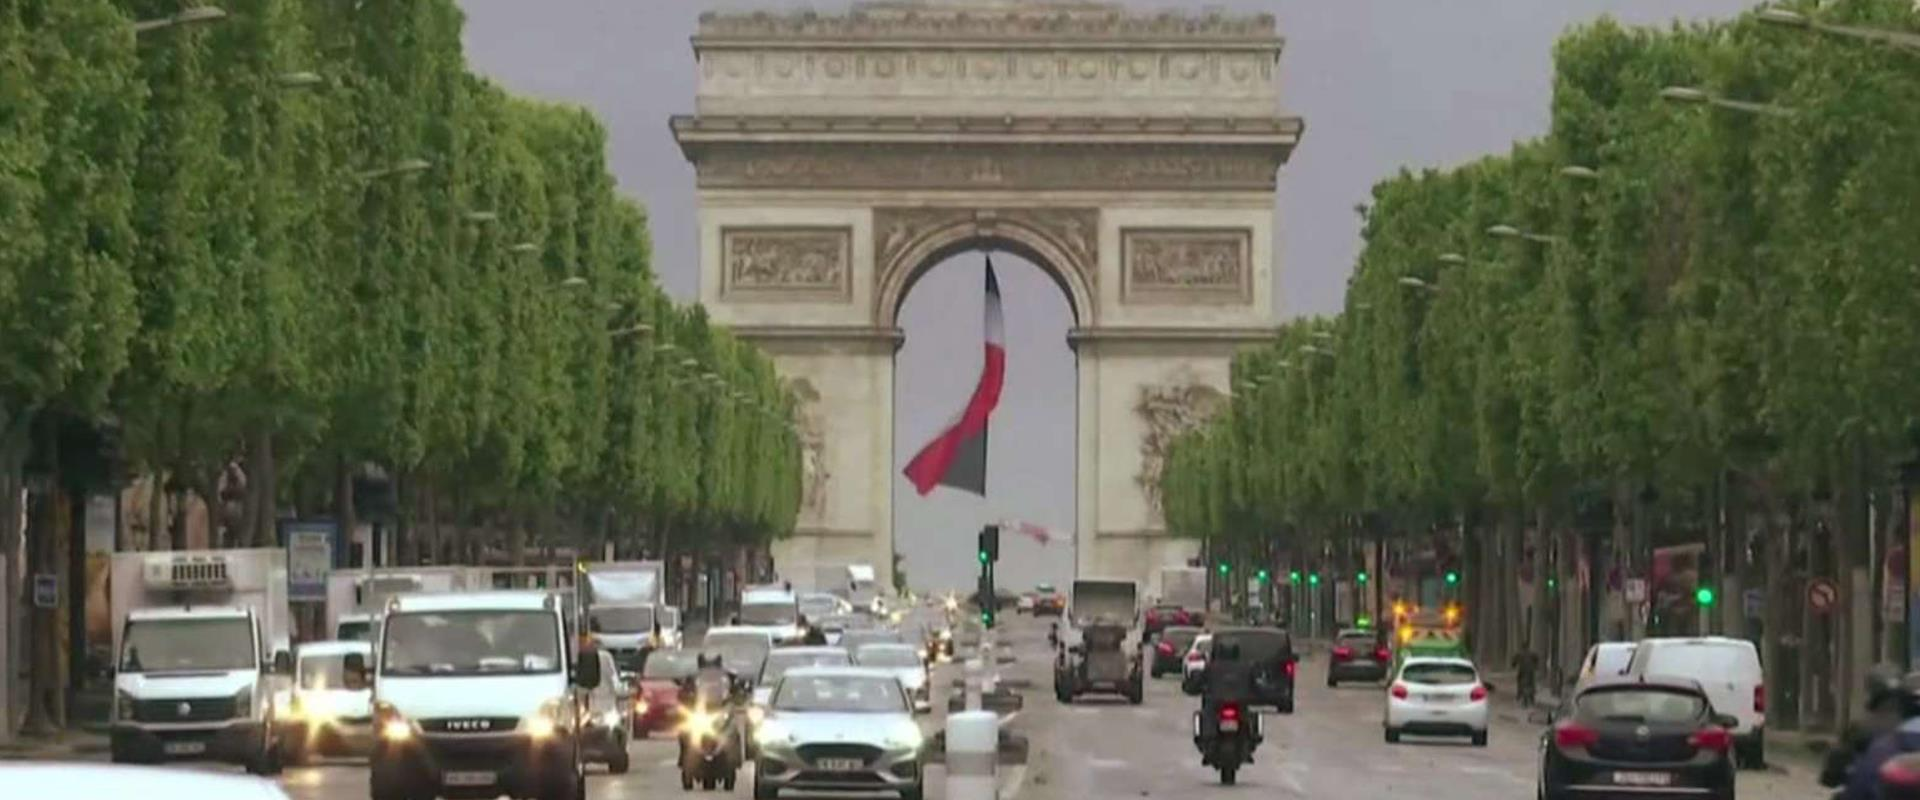 שער הניצחון בפריז, הבוקר